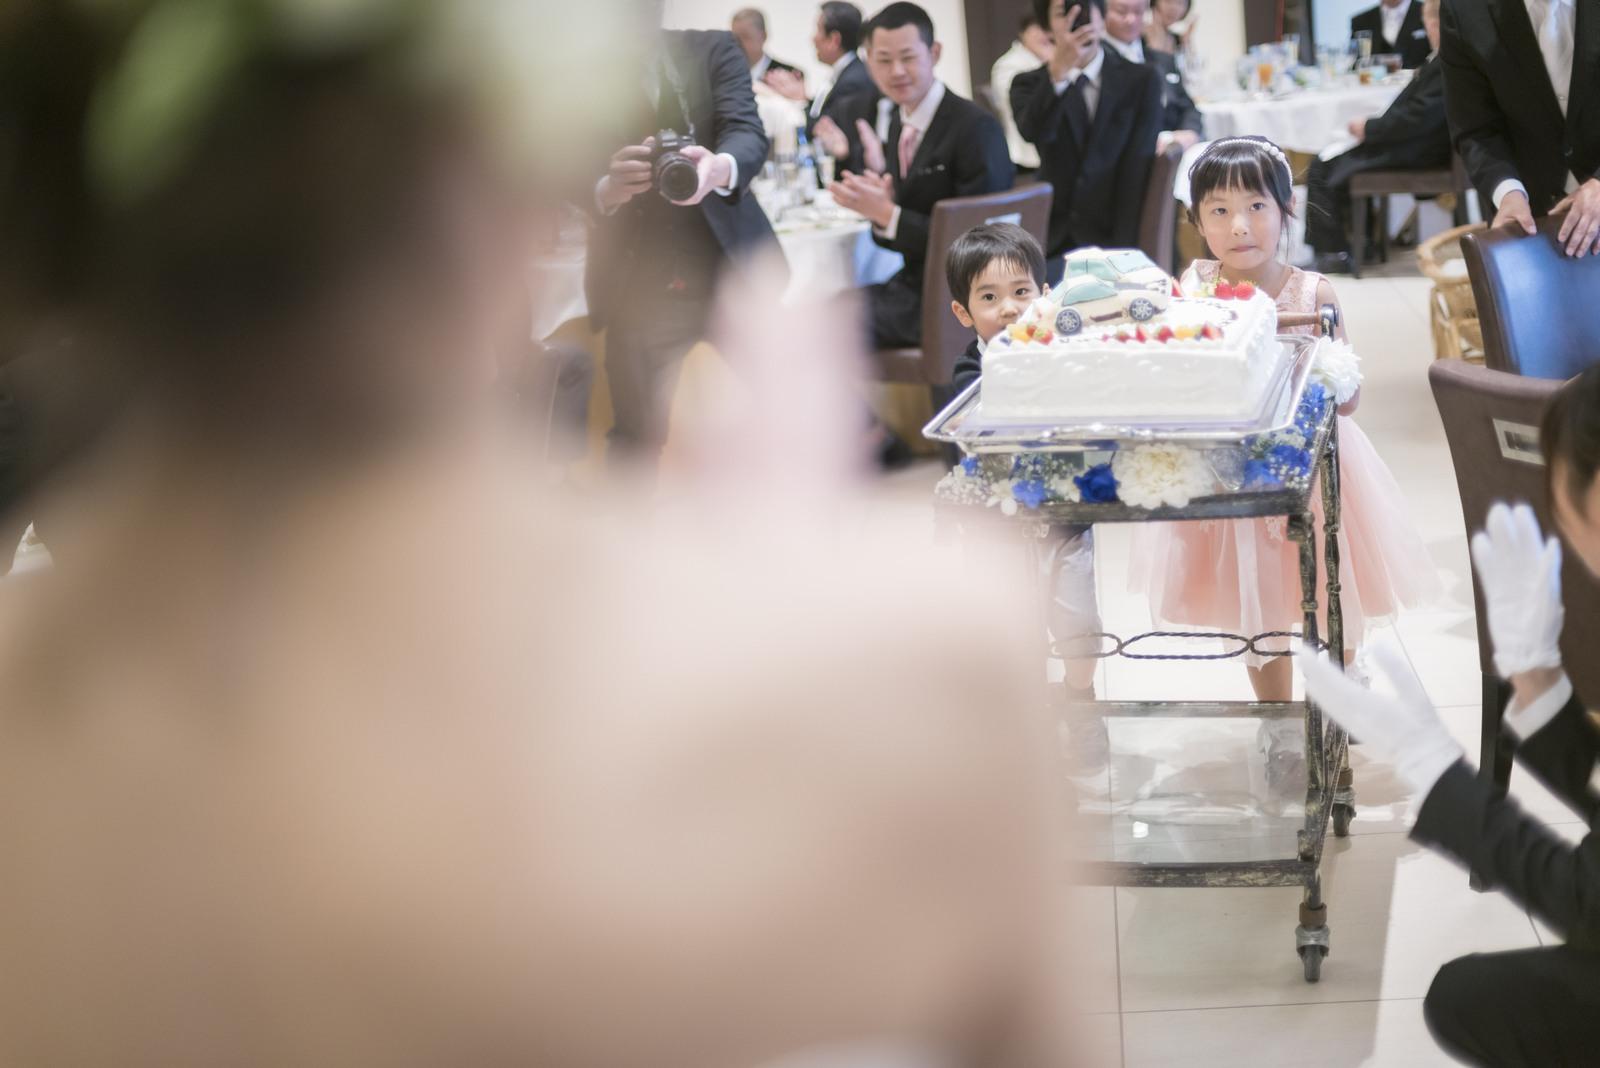 高松市の結婚式場アイルバレクラブでウエディングケーキをお子様ゲストに運んでもらう